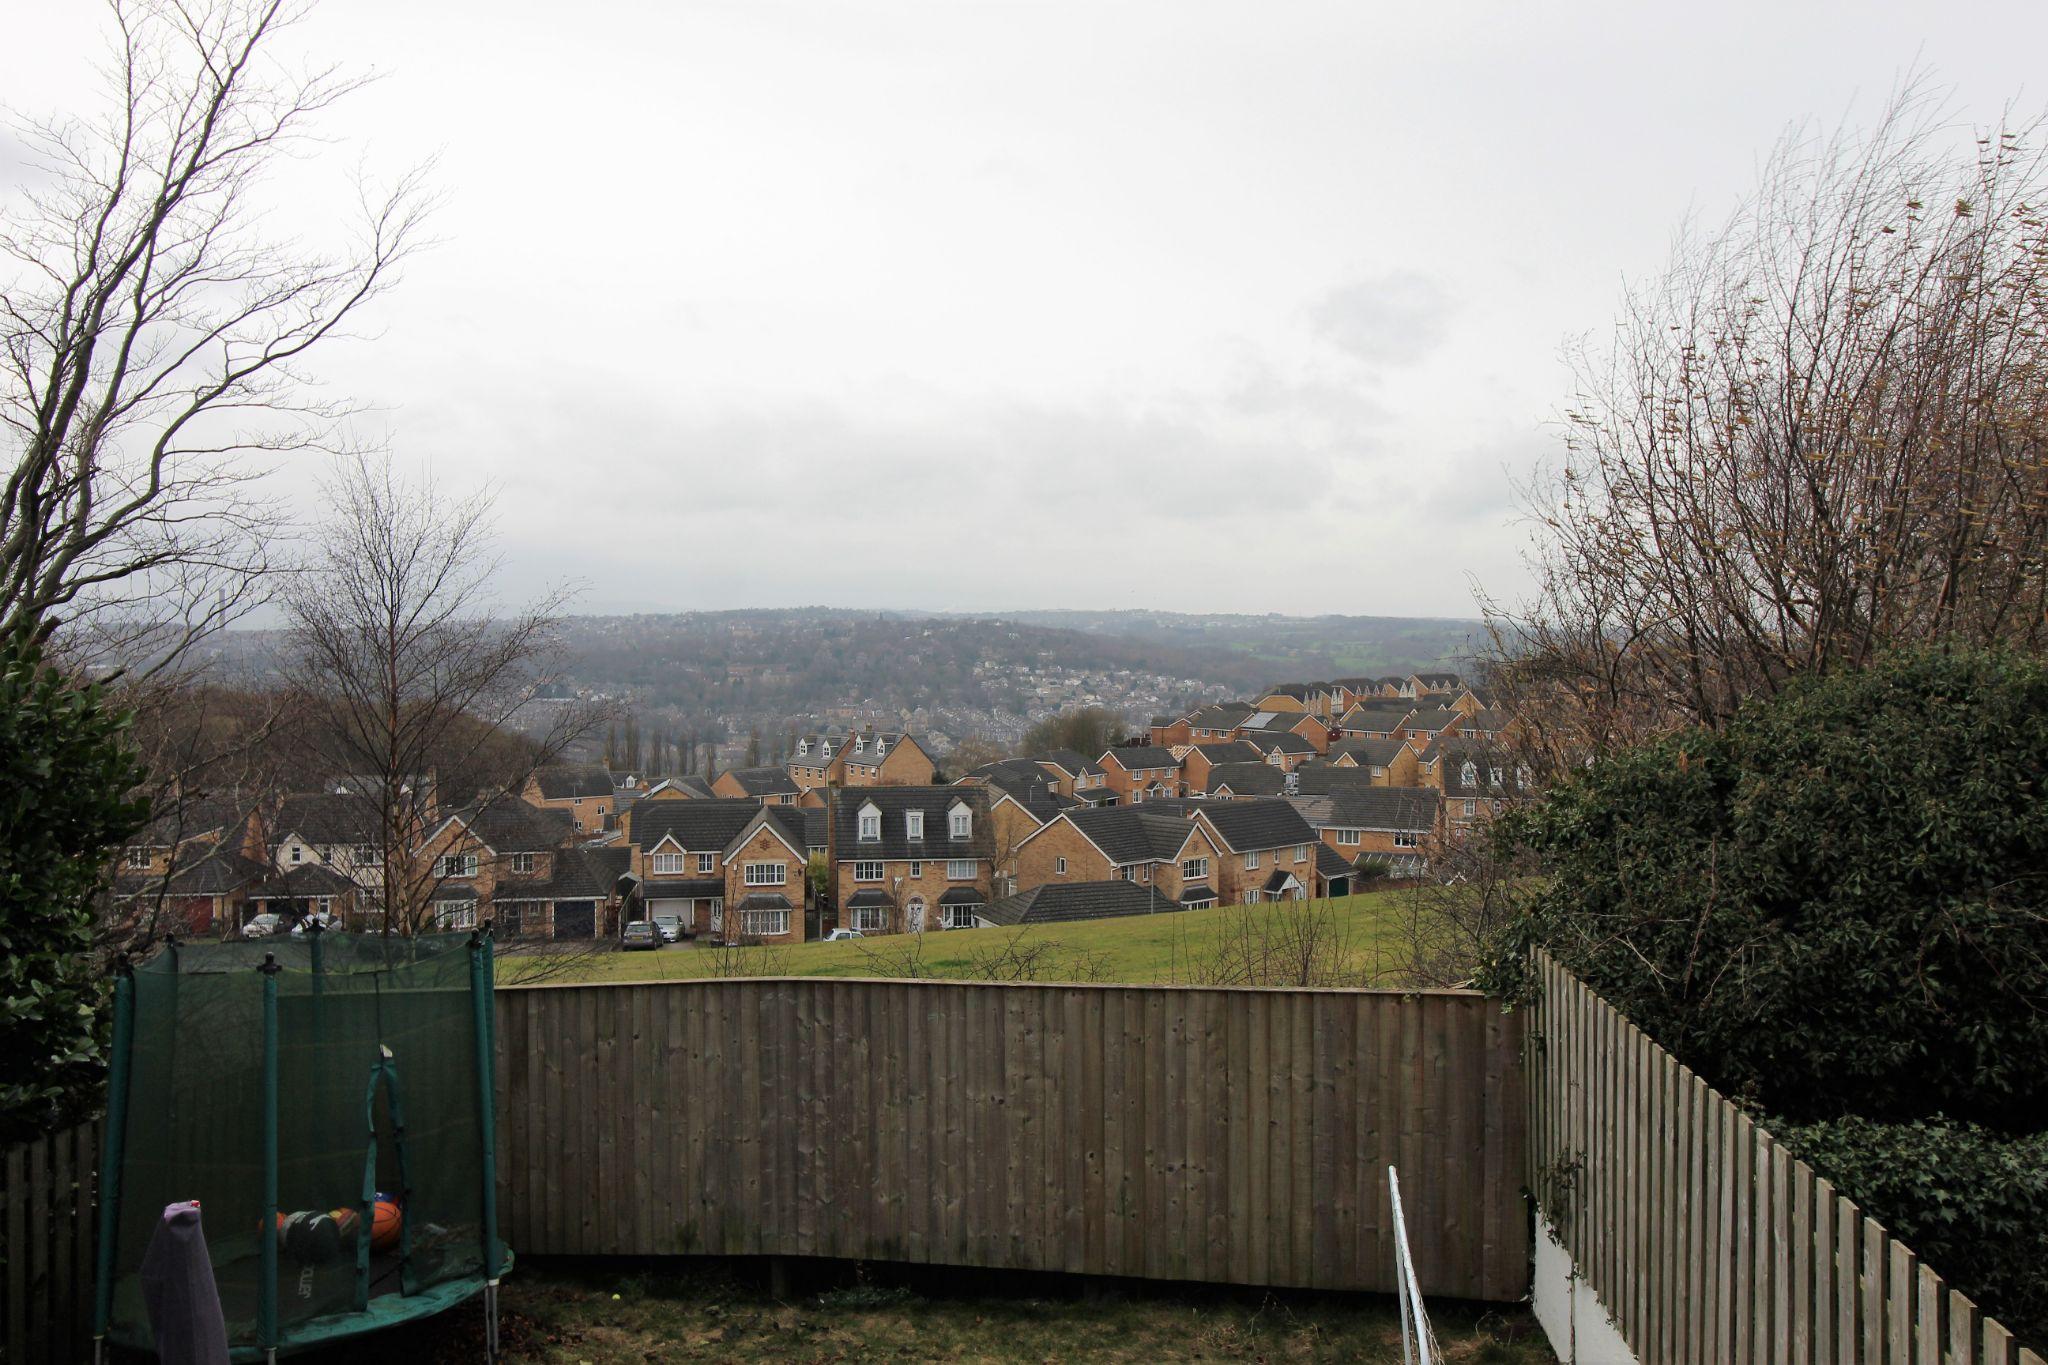 3 bedroom semi-detached house SSTC in Shipley - View from rear garden